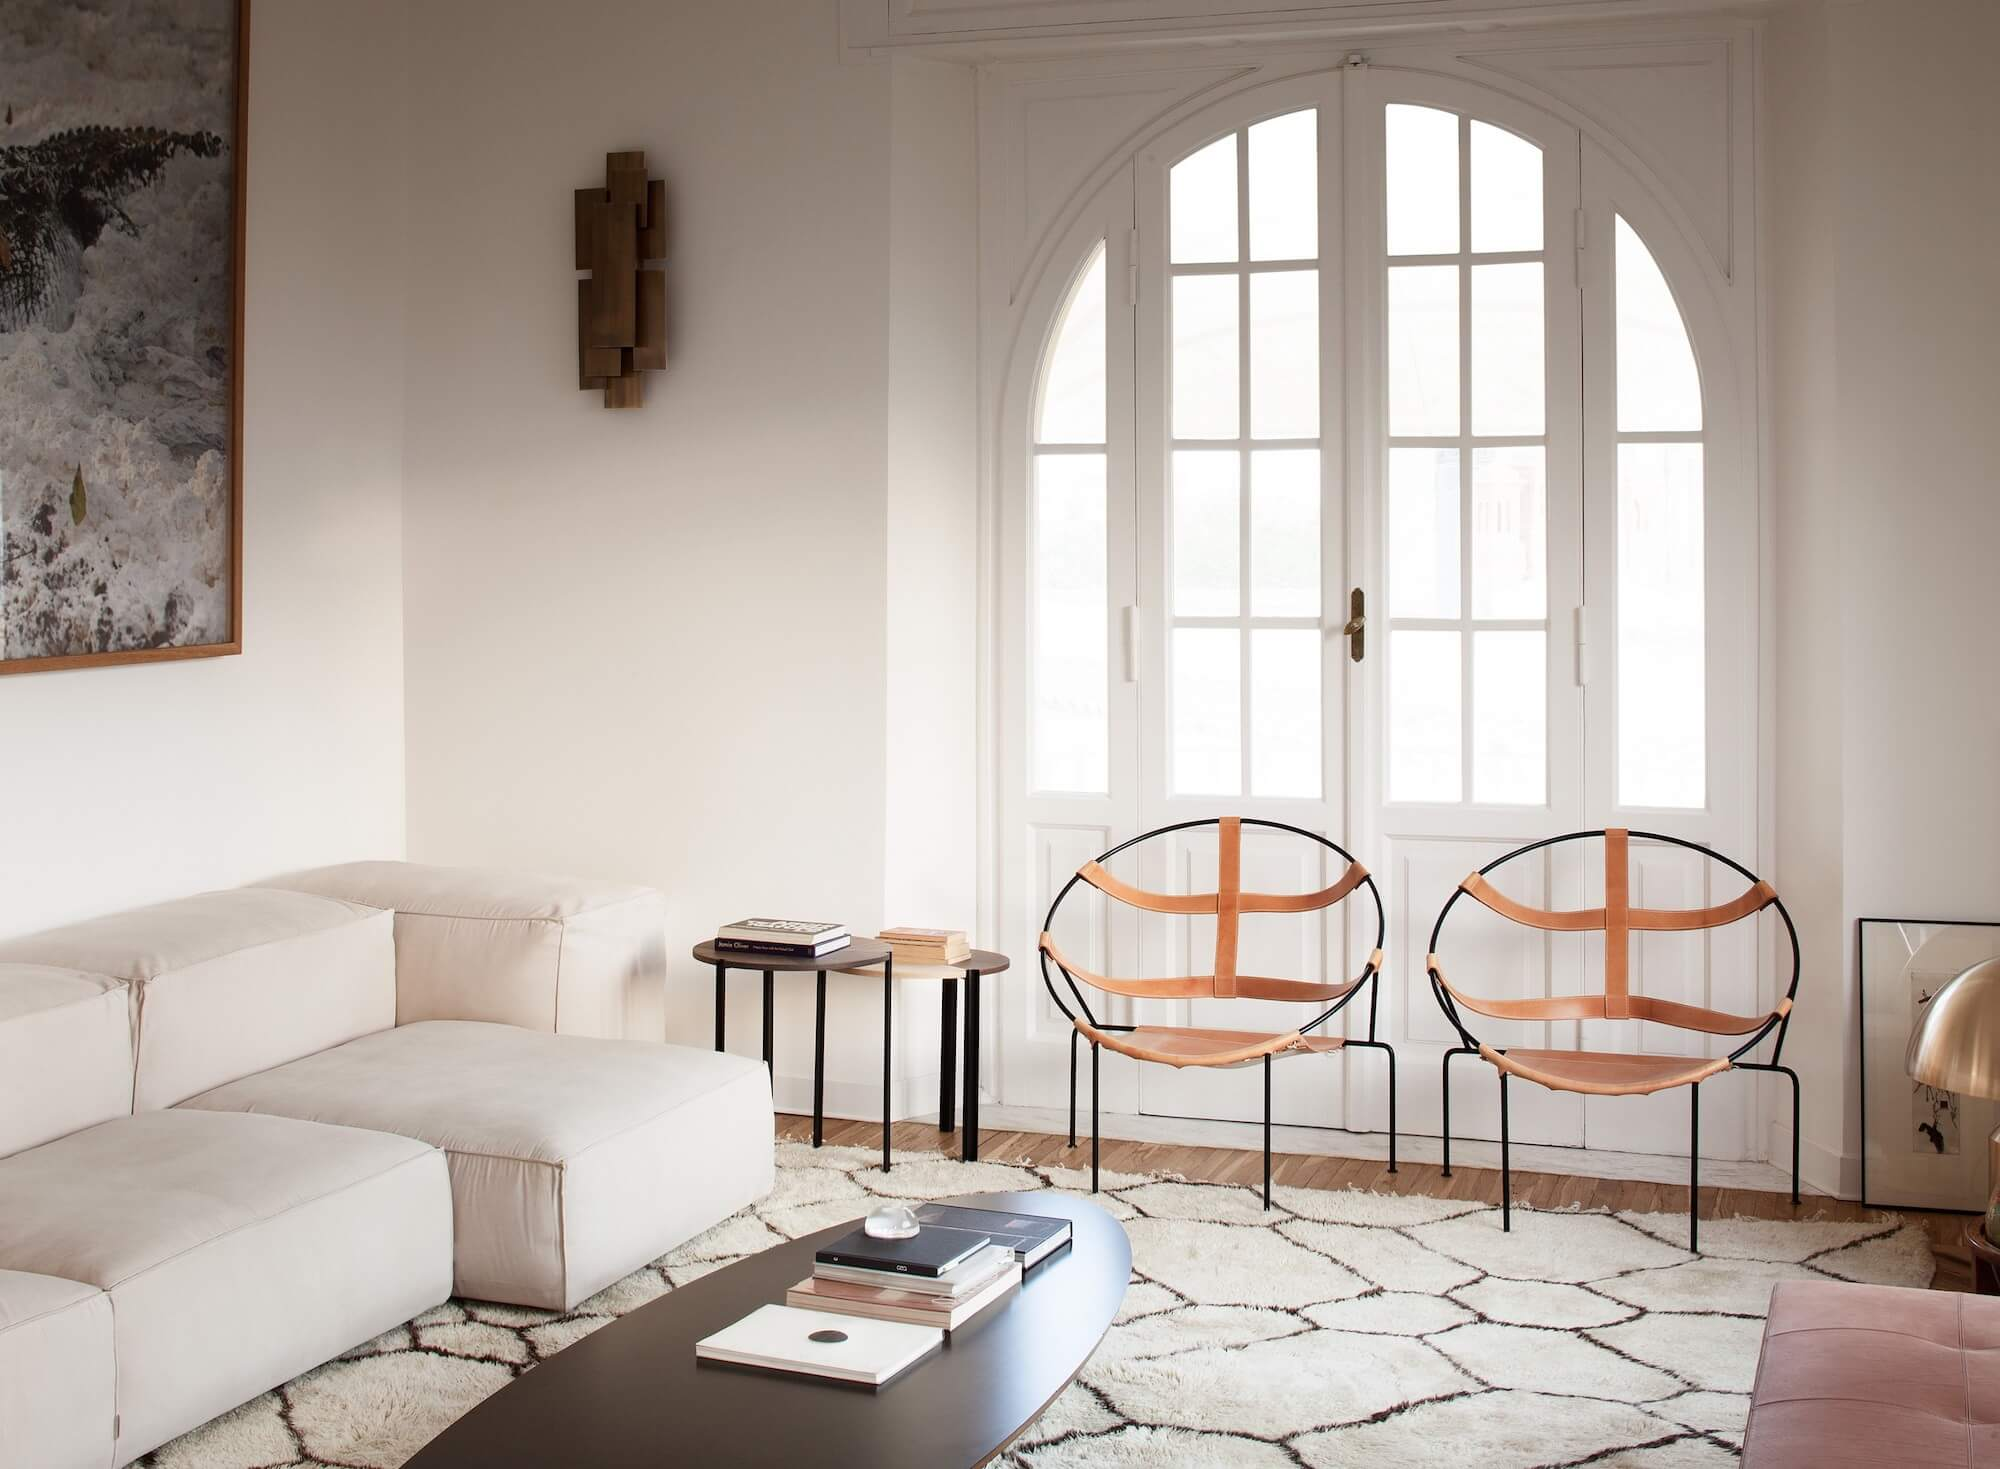 quincoces drago rome apartment 11